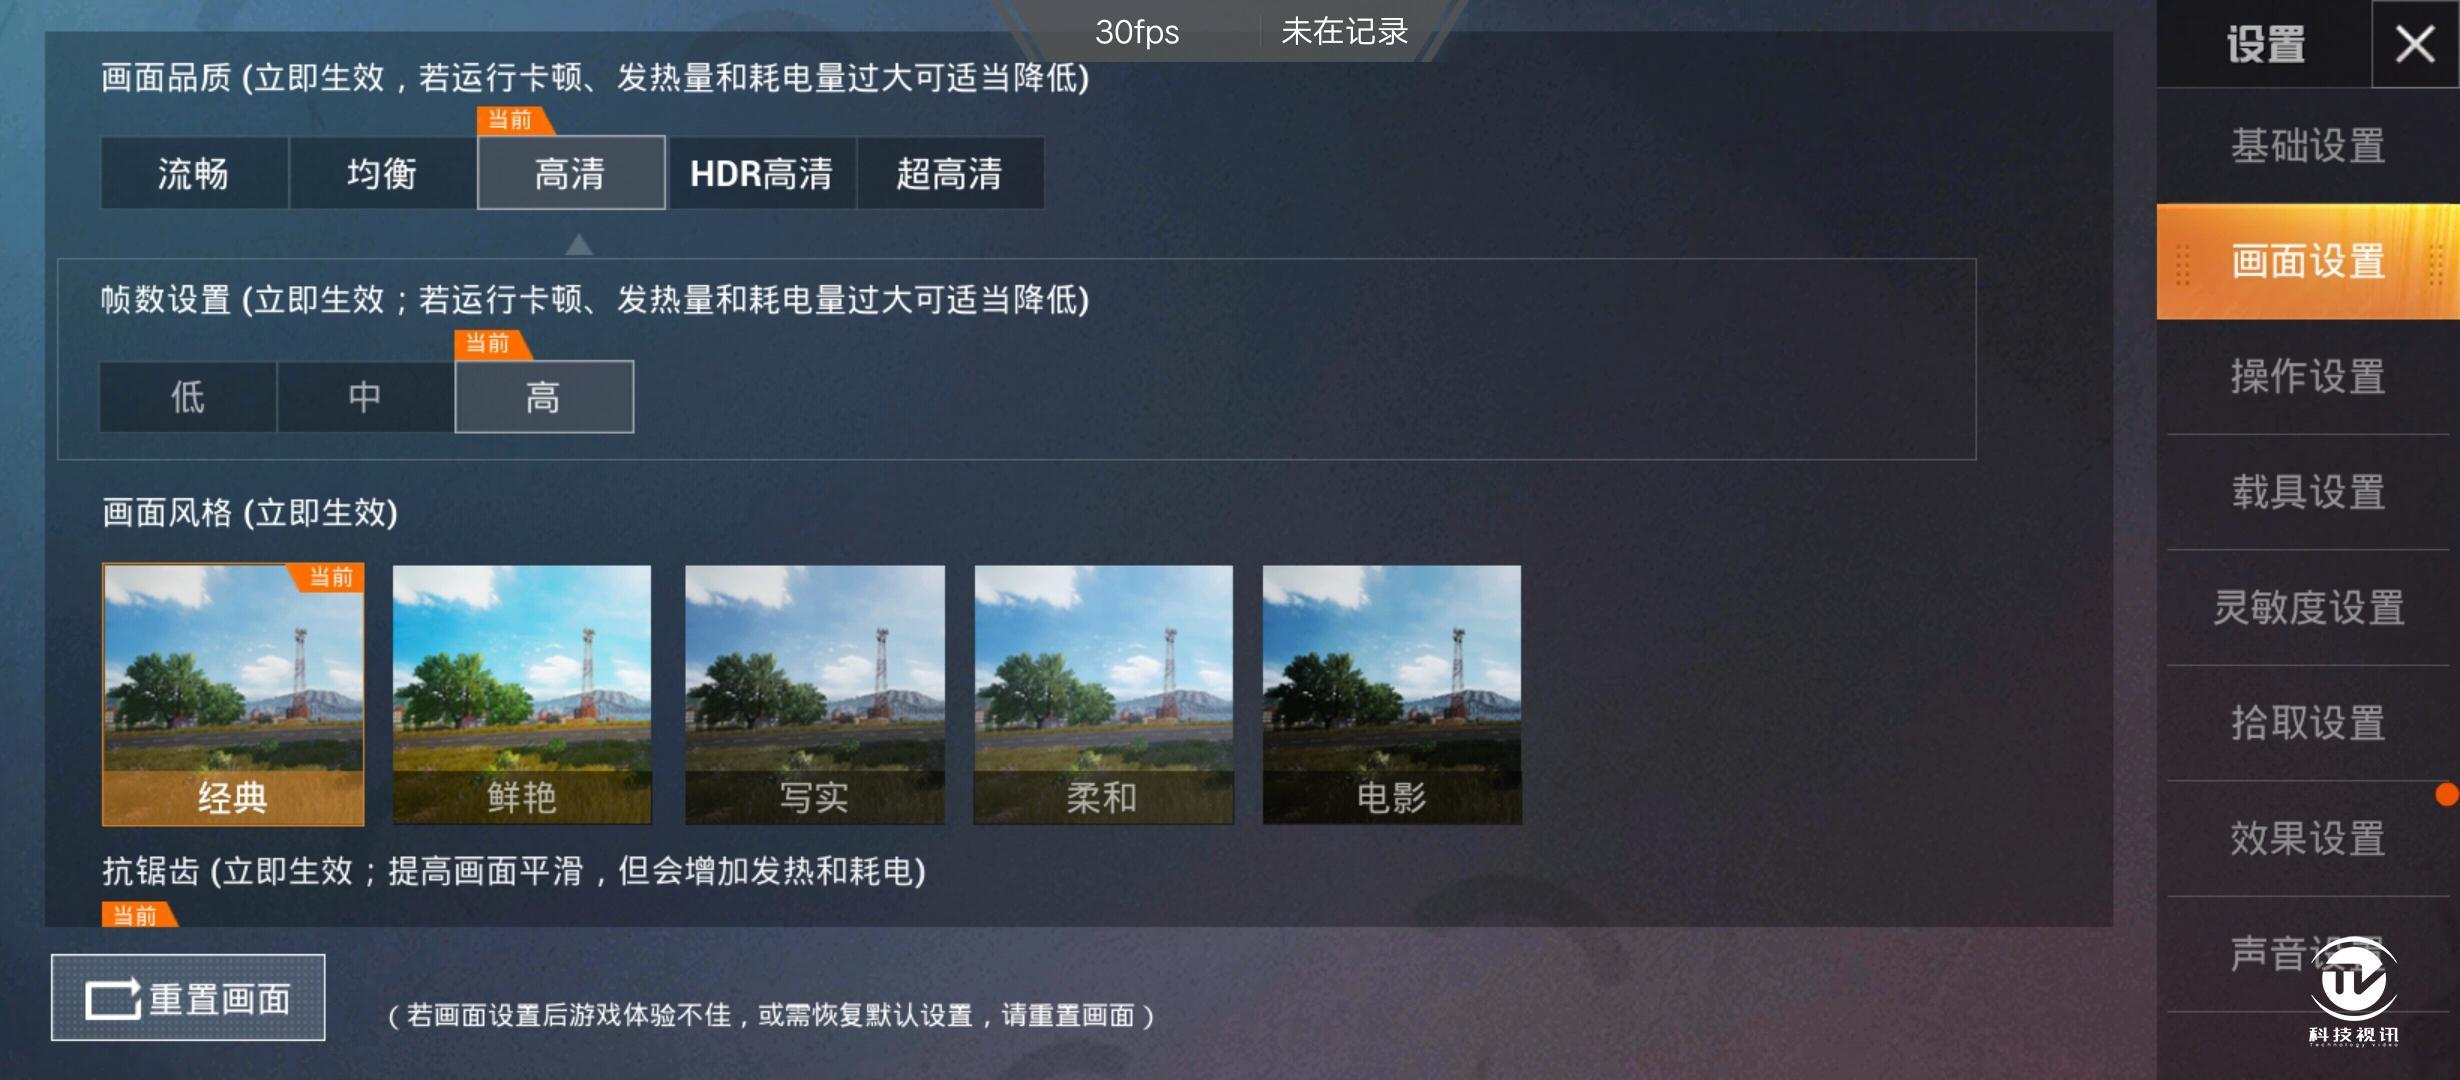 Screenshot_20190702_172517.jpg